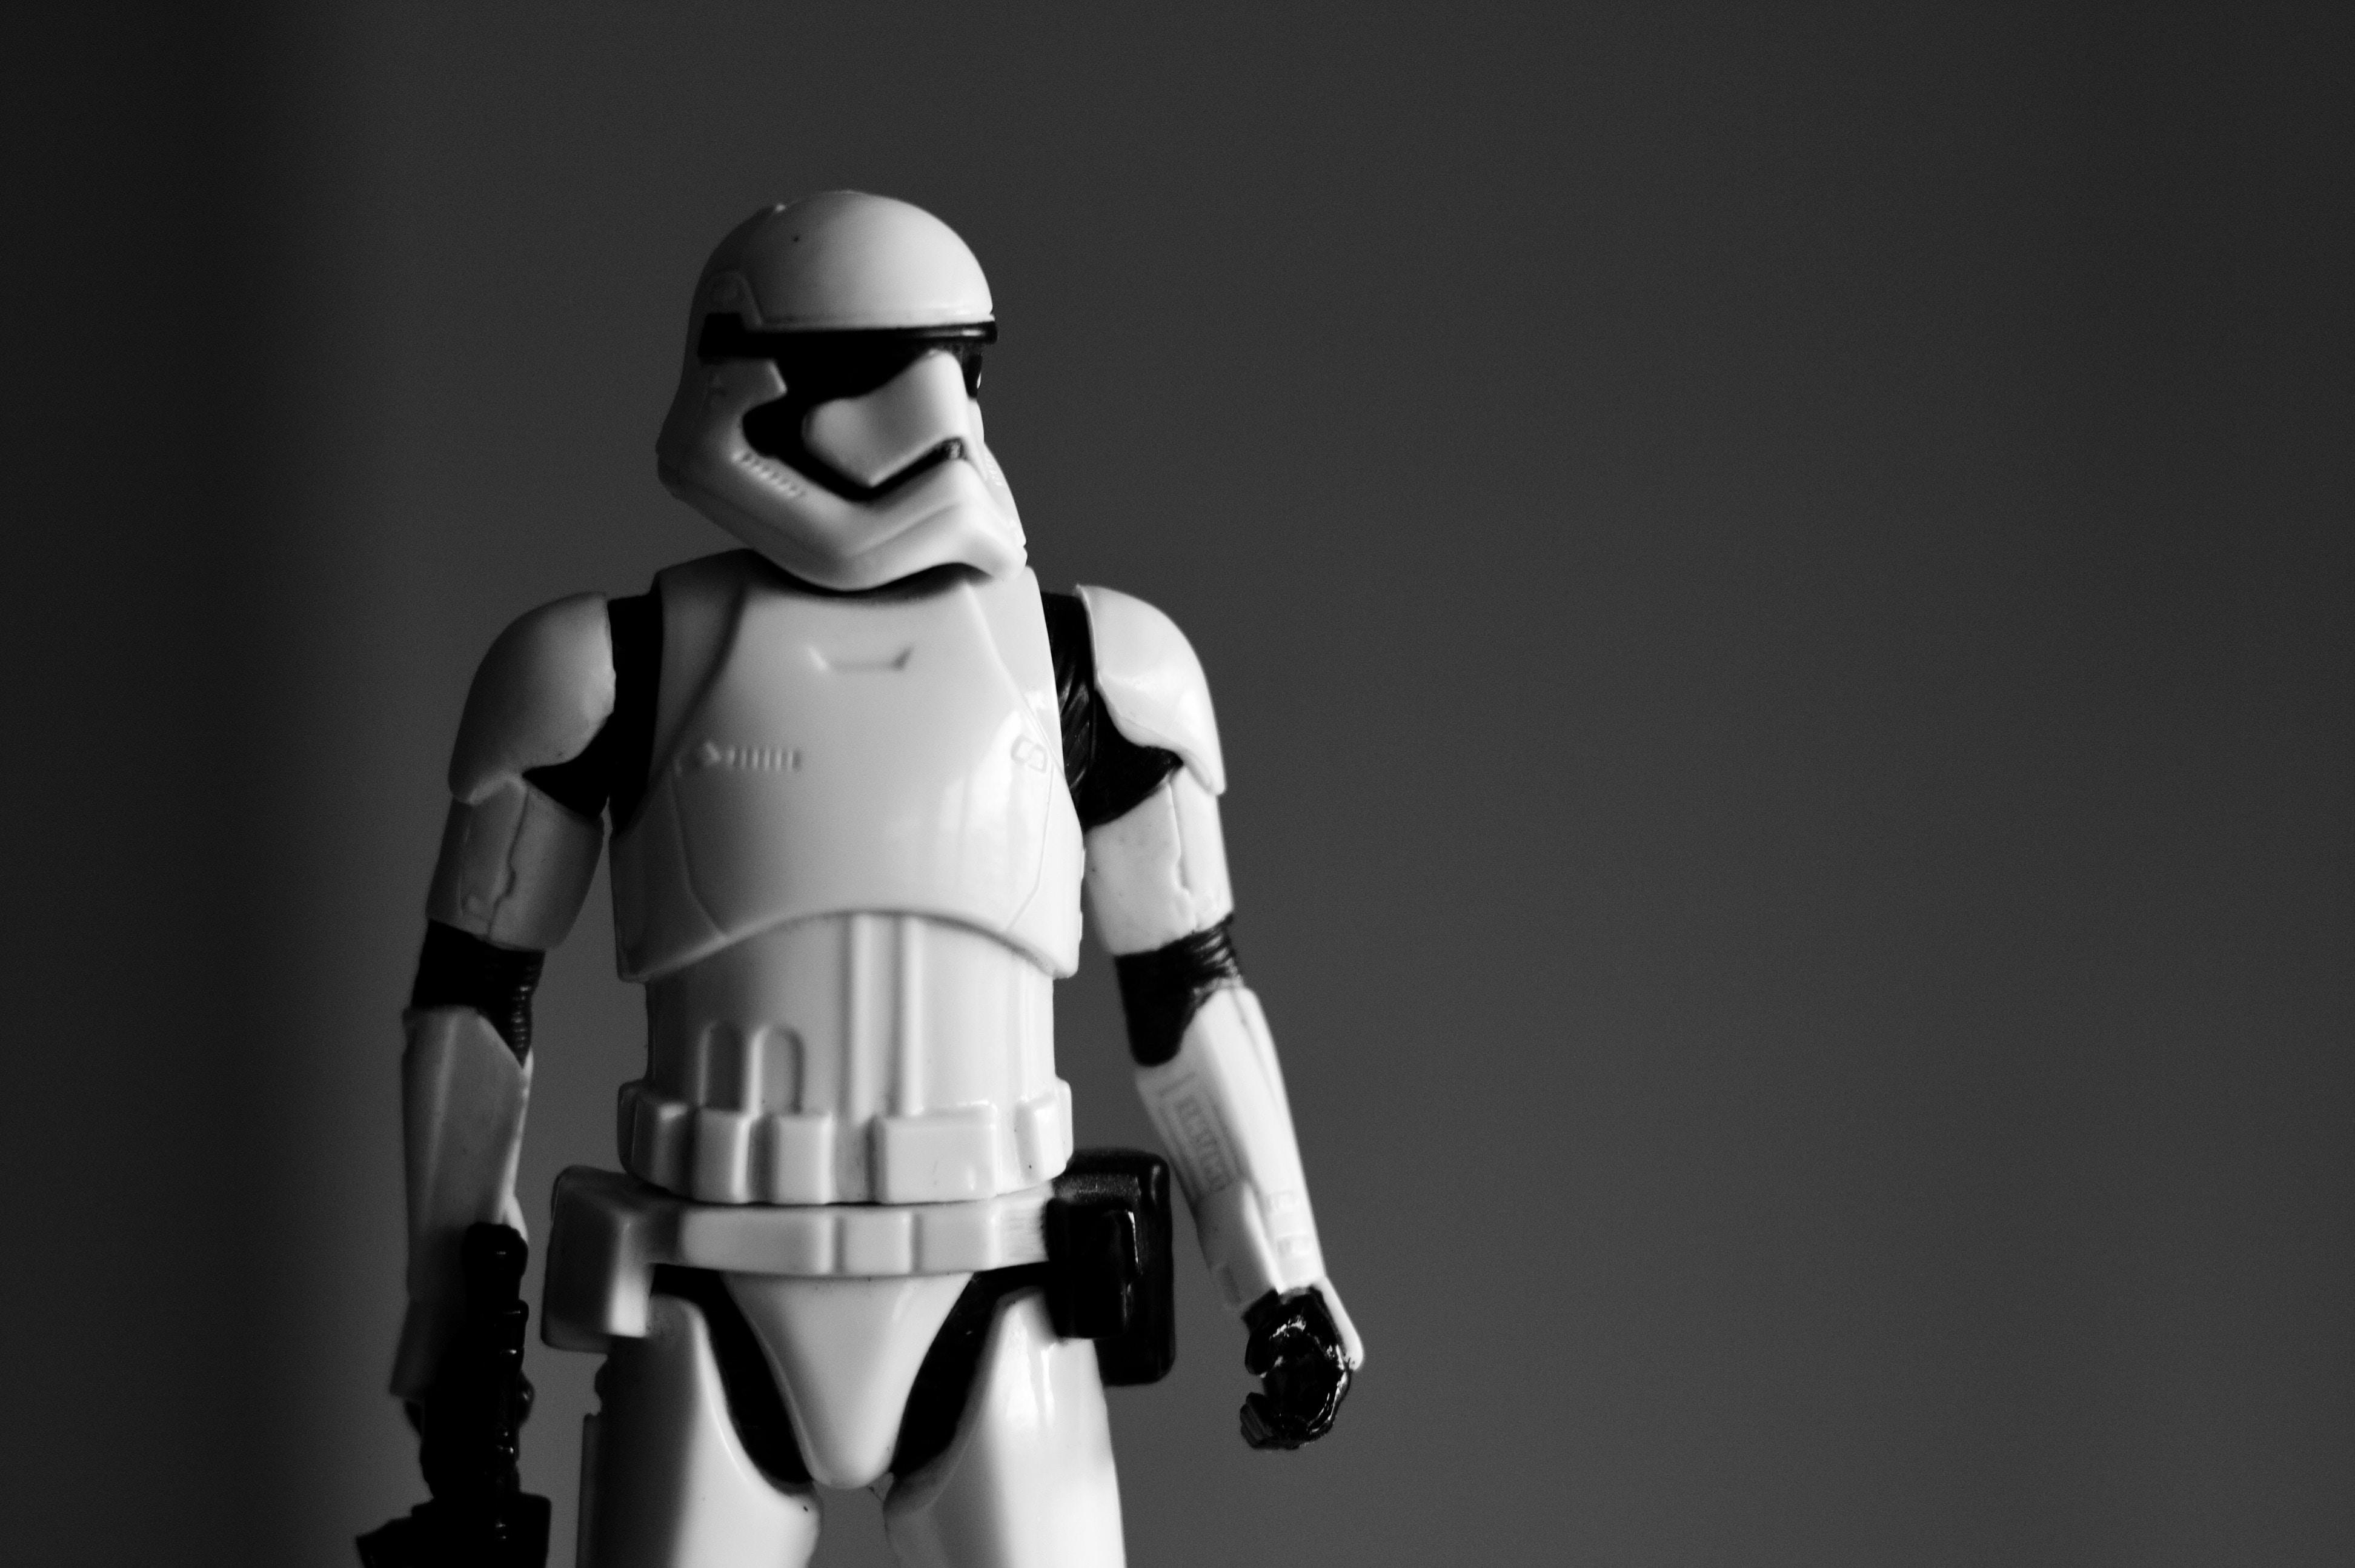 Star Wars Stormtrooper action figure